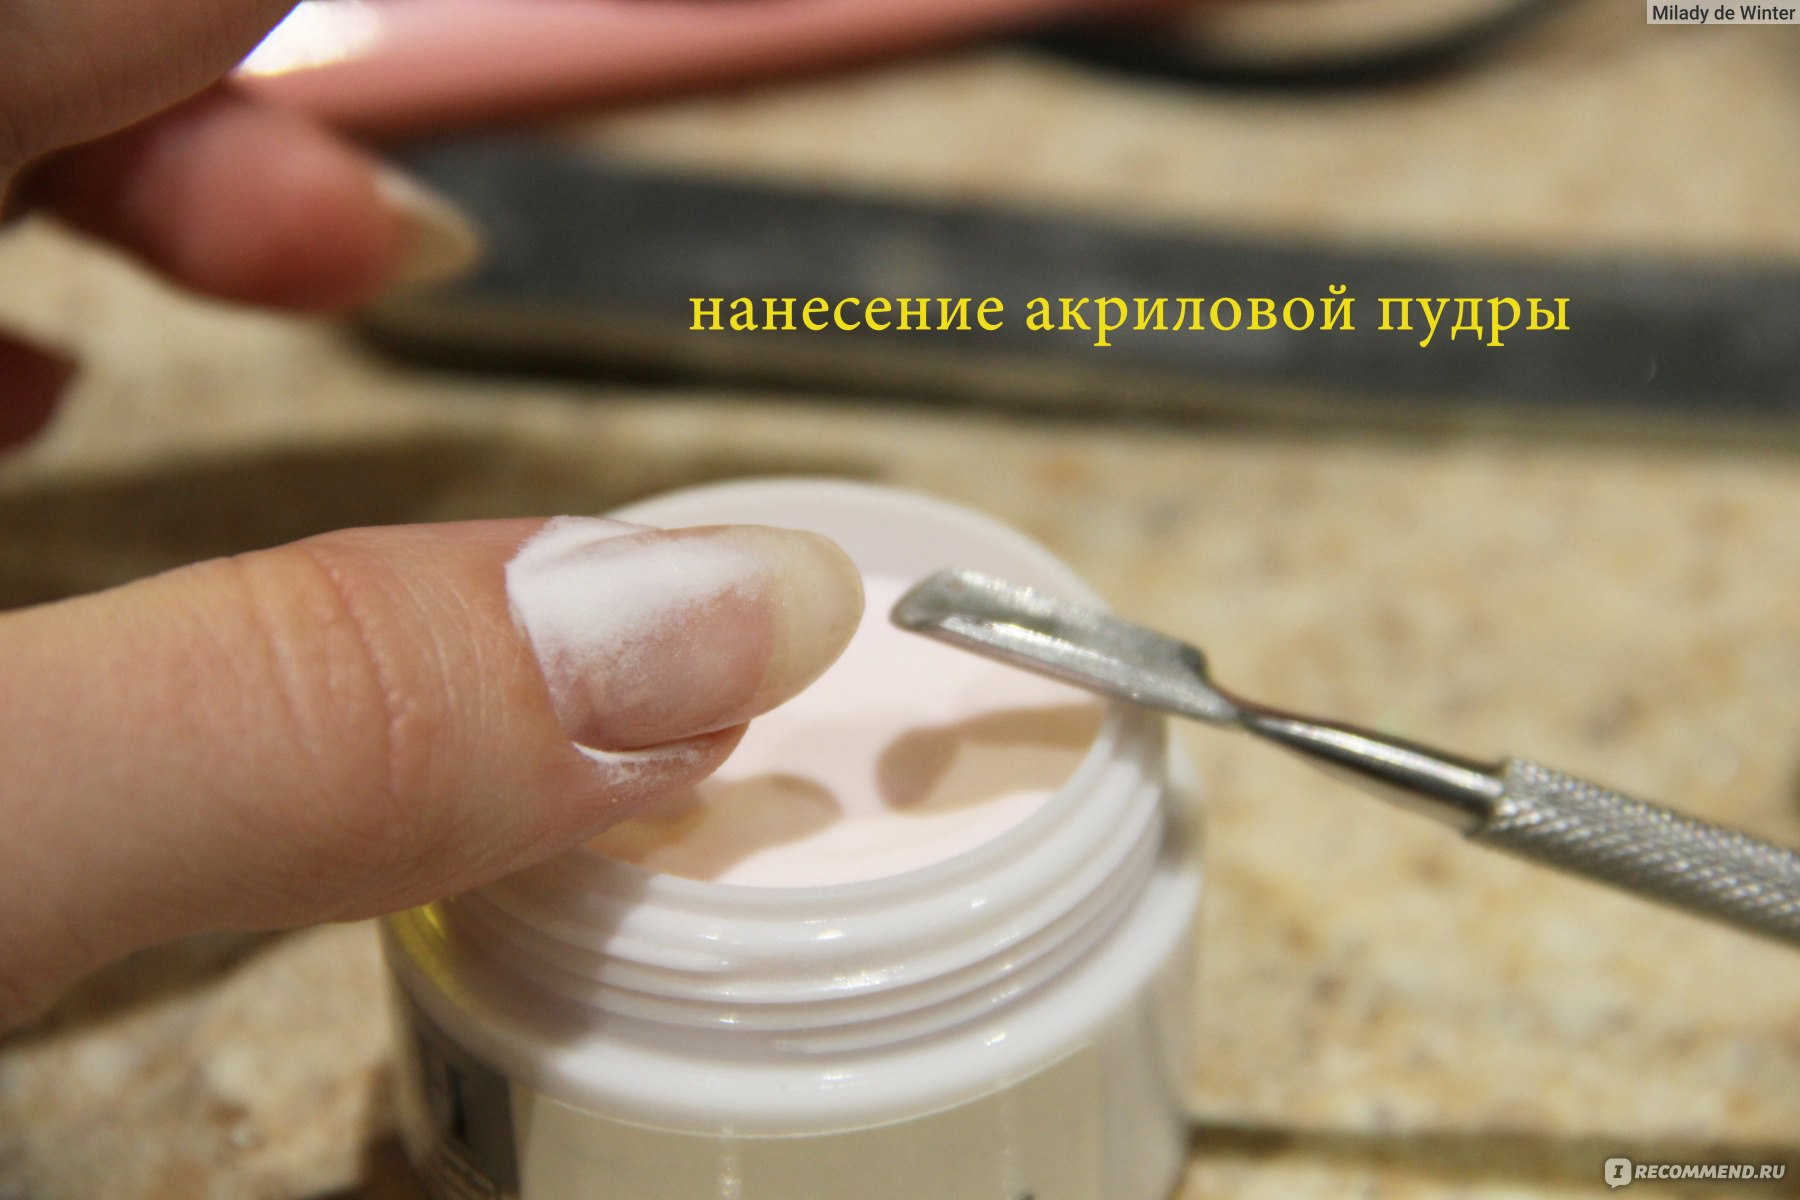 Укрепление ногтей акриловой пудрой под гель-лак: как наносить правильно